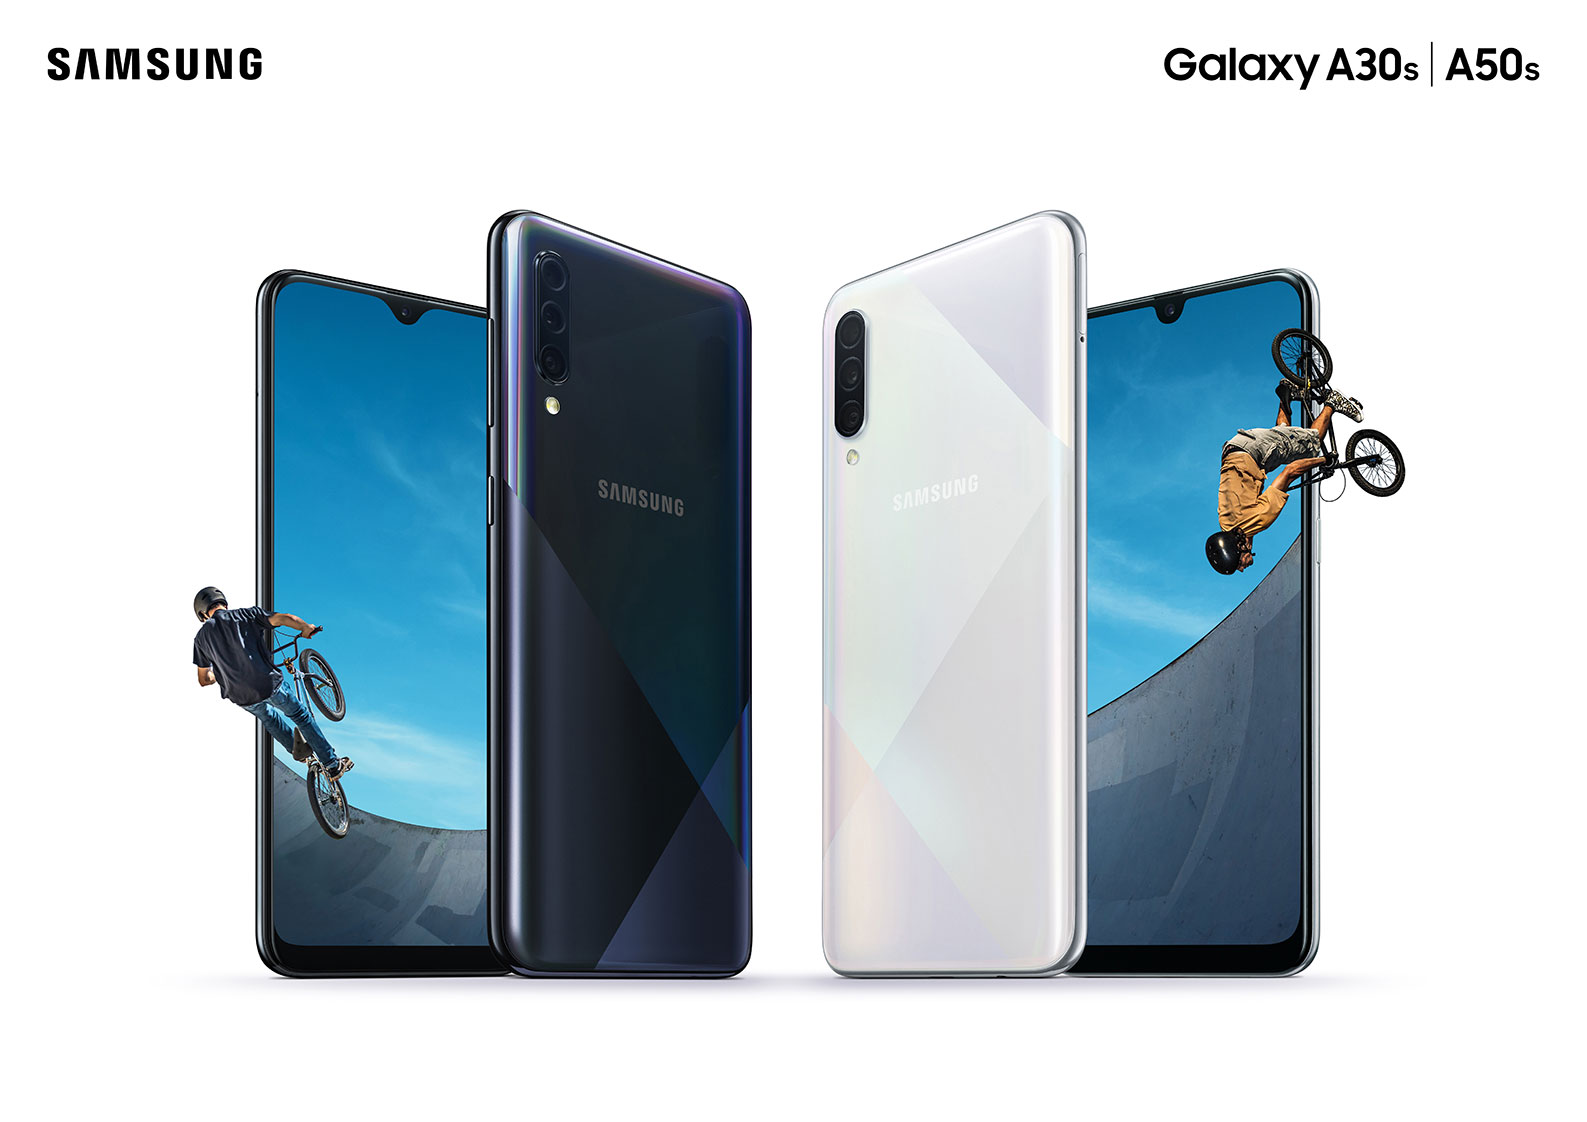 Samsung chính thức giới thiệu bộ đôi Galaxy A50s & A30s tại Việt Nam